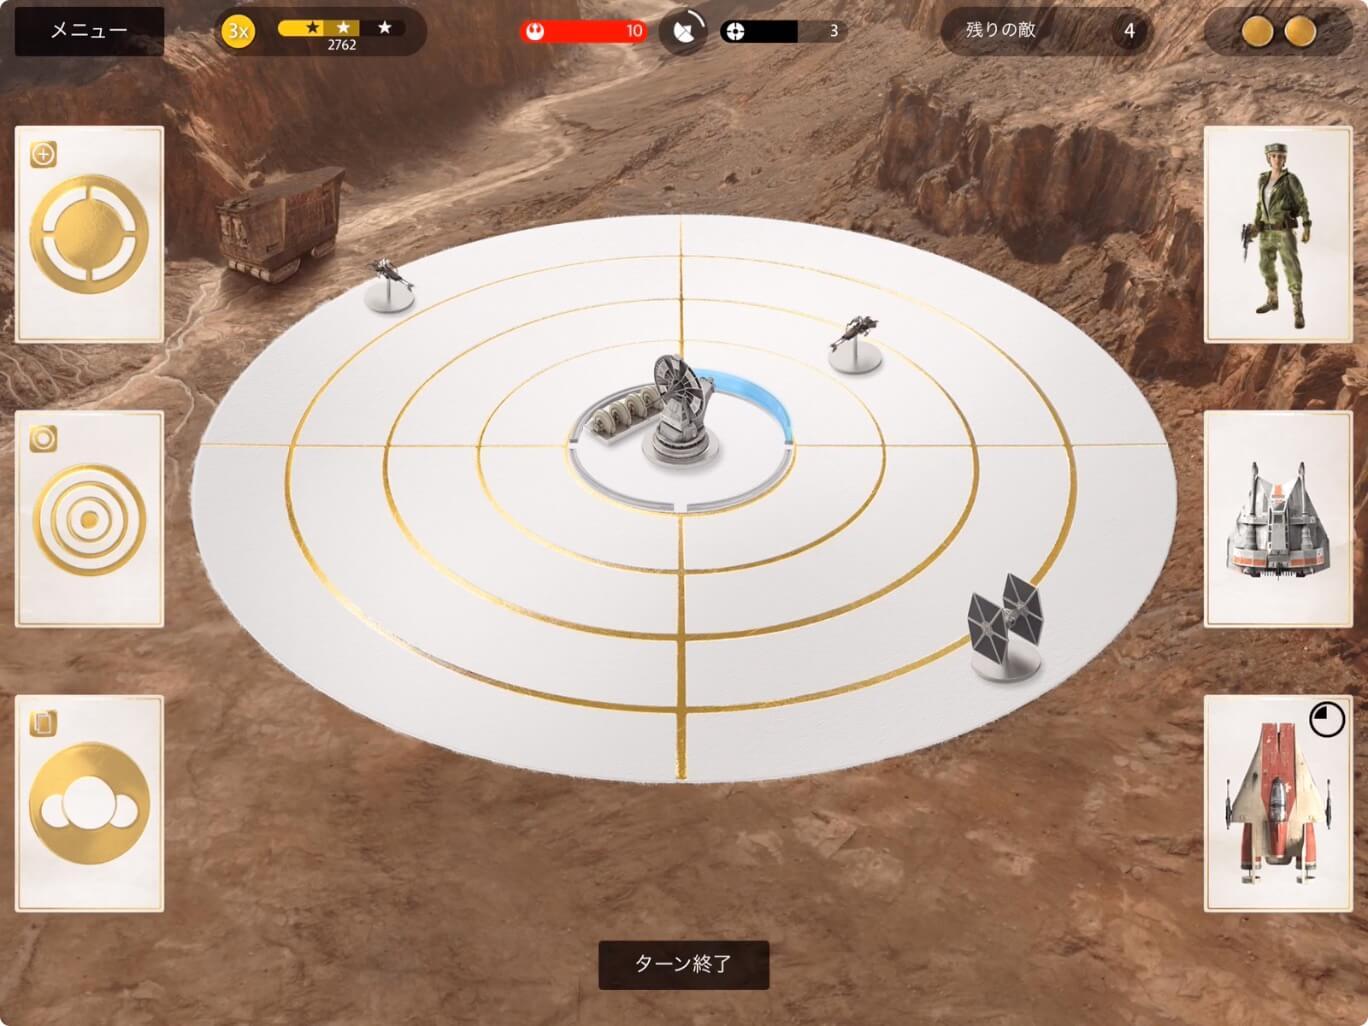 バトルフロントコンパニオンのベースコマンドをプレイ中の画面です。